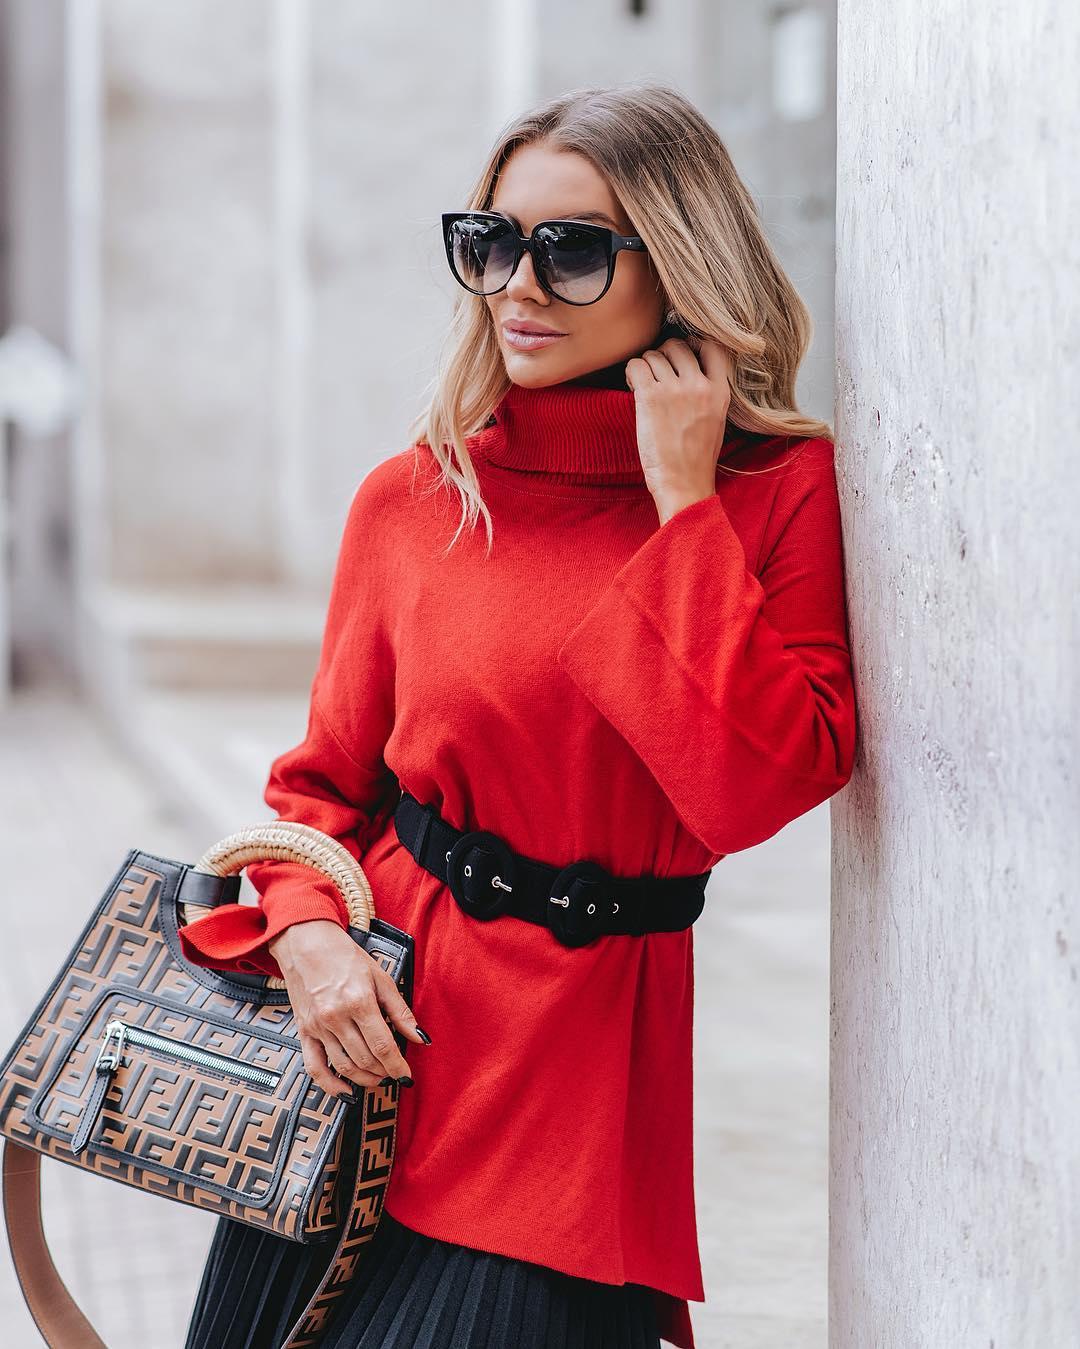 модные осенние образы в красном цвете фото 2